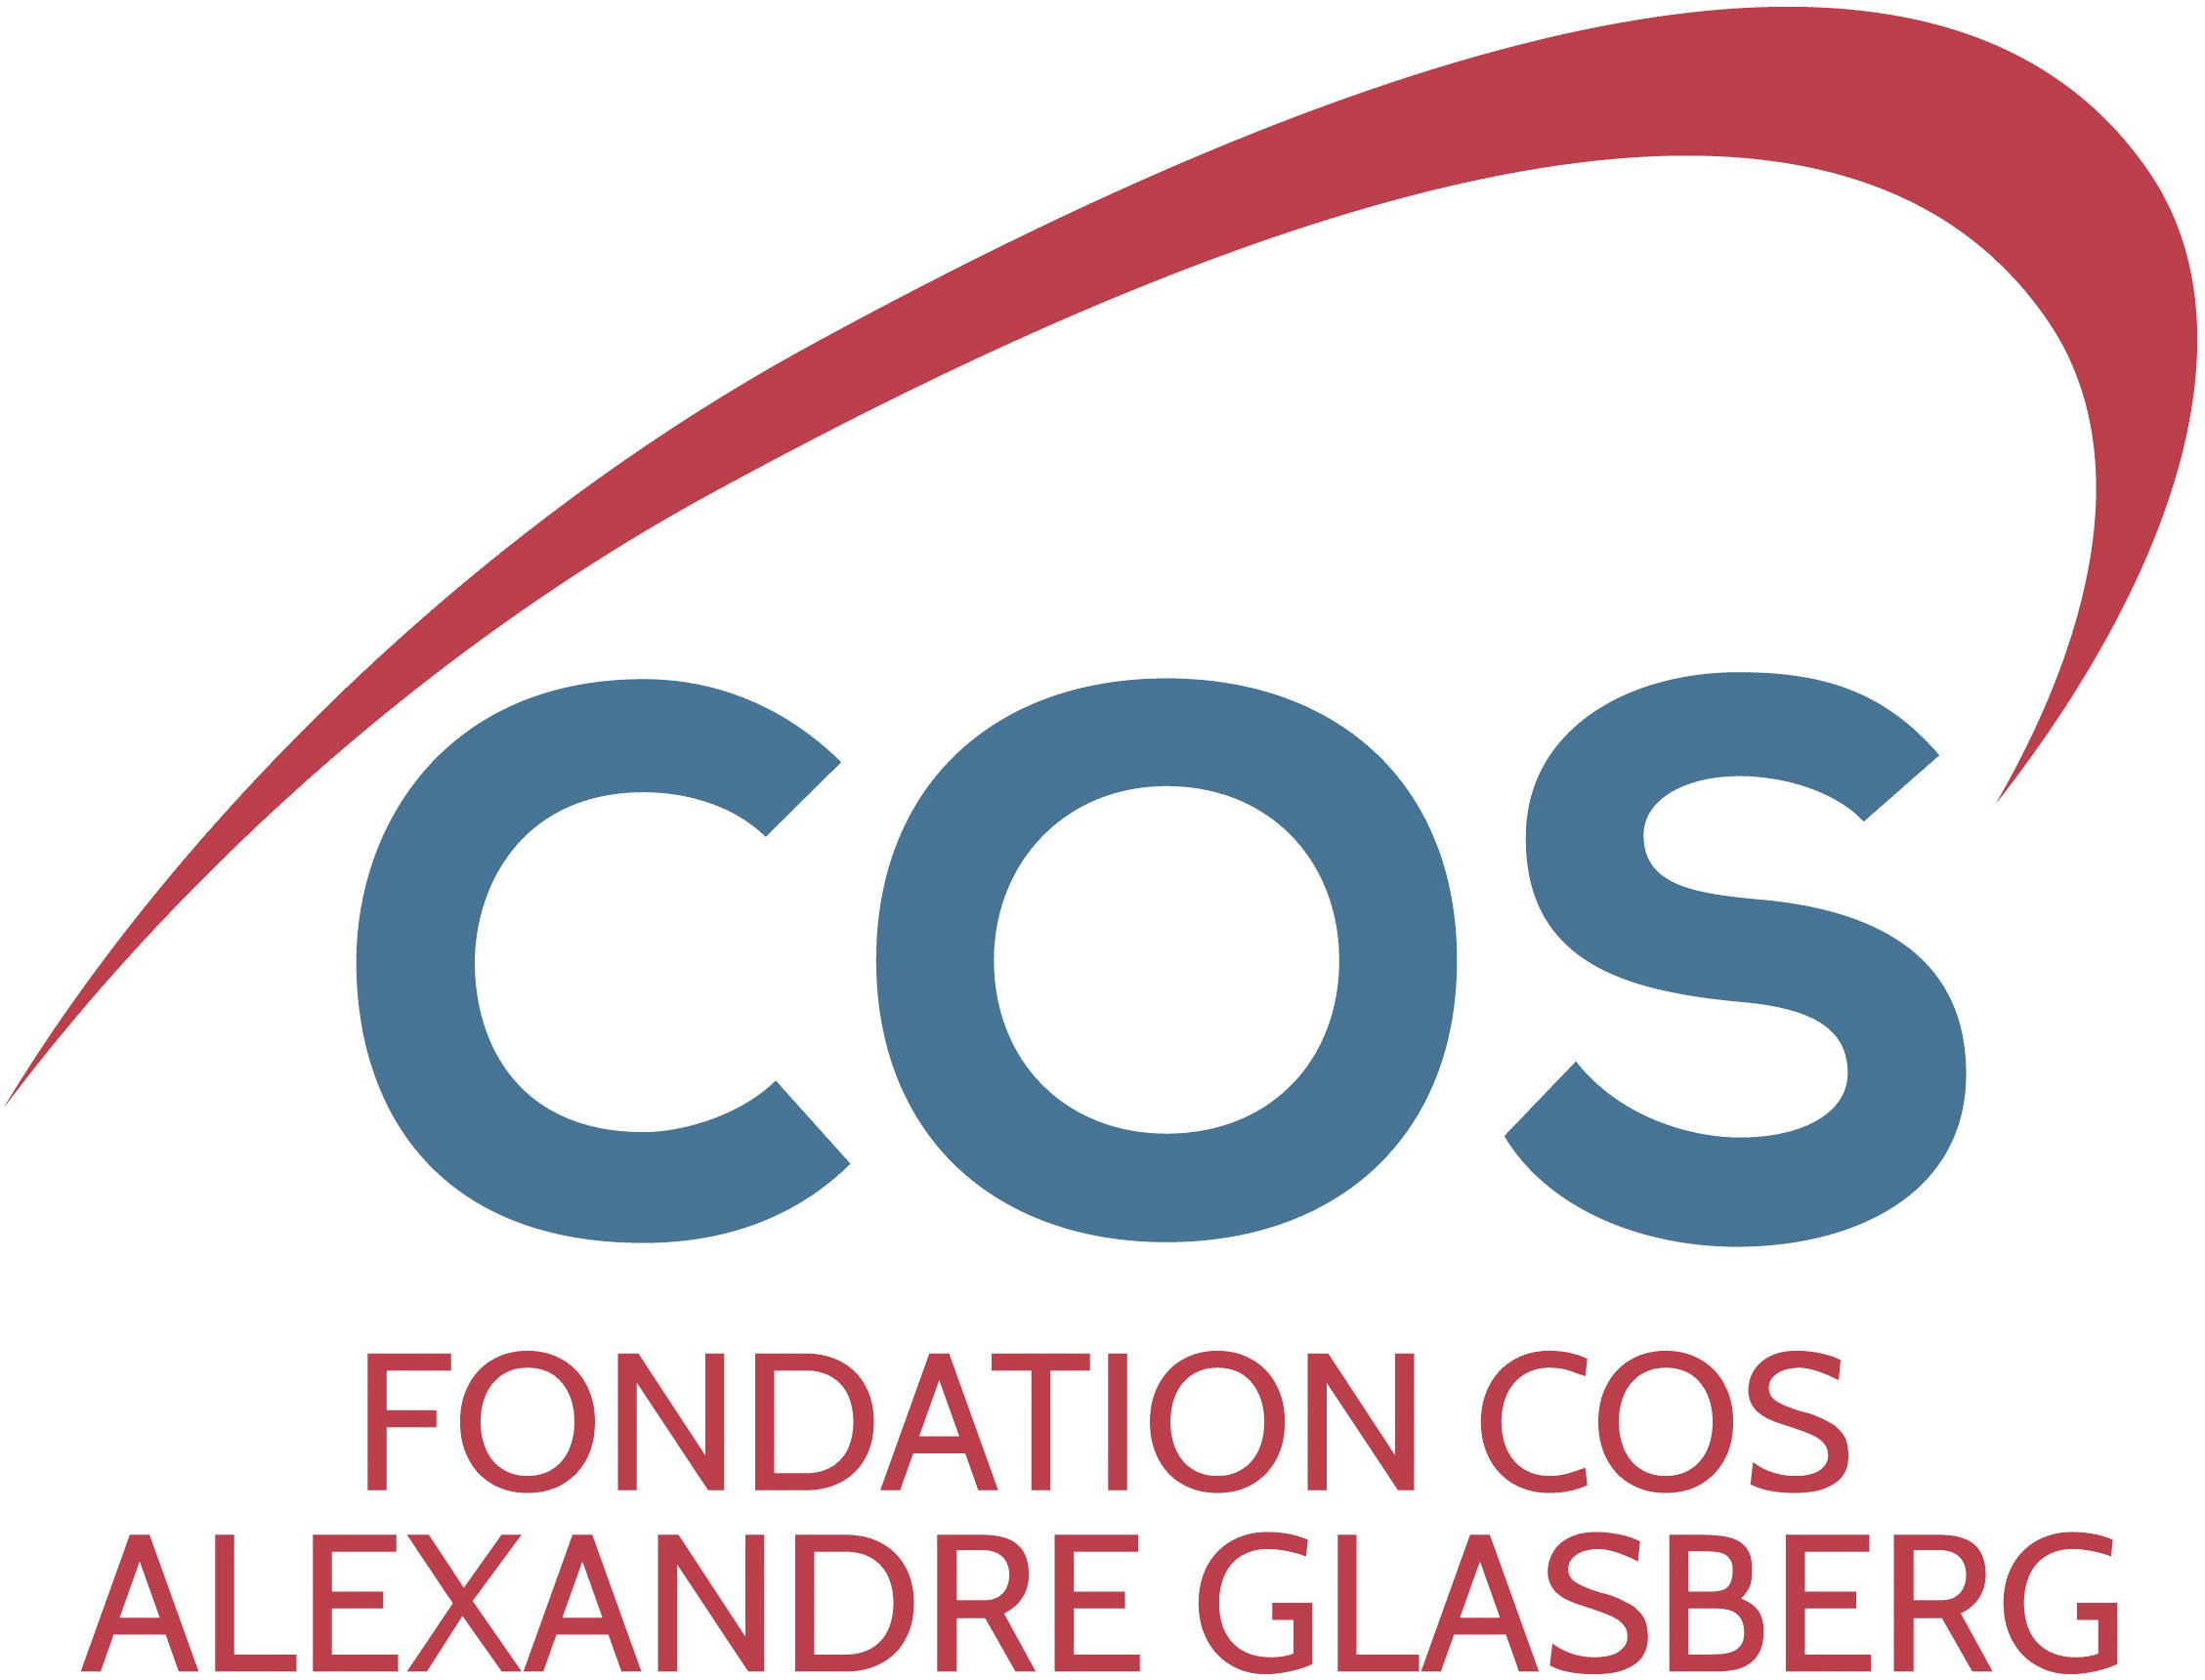 fondation COS